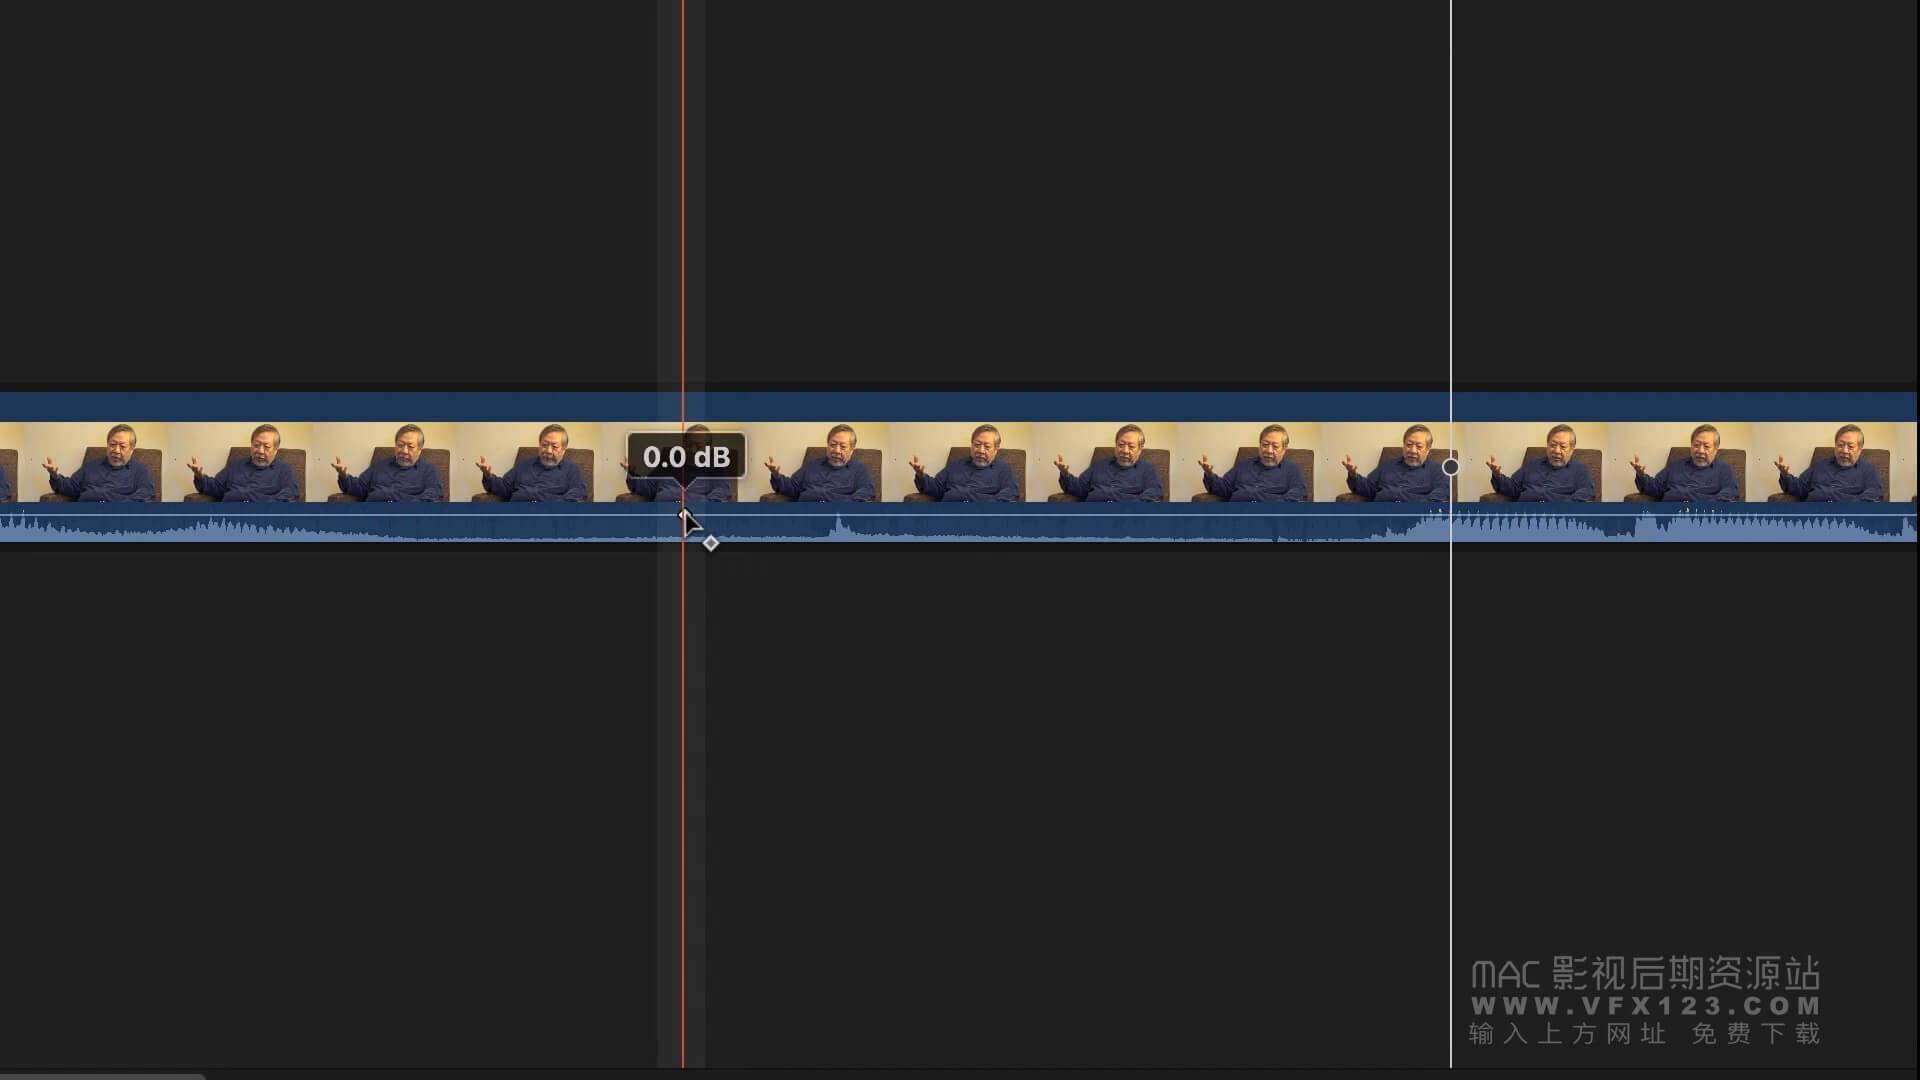 第49课: 如何在Final Cut Pro X中快速修饰声音